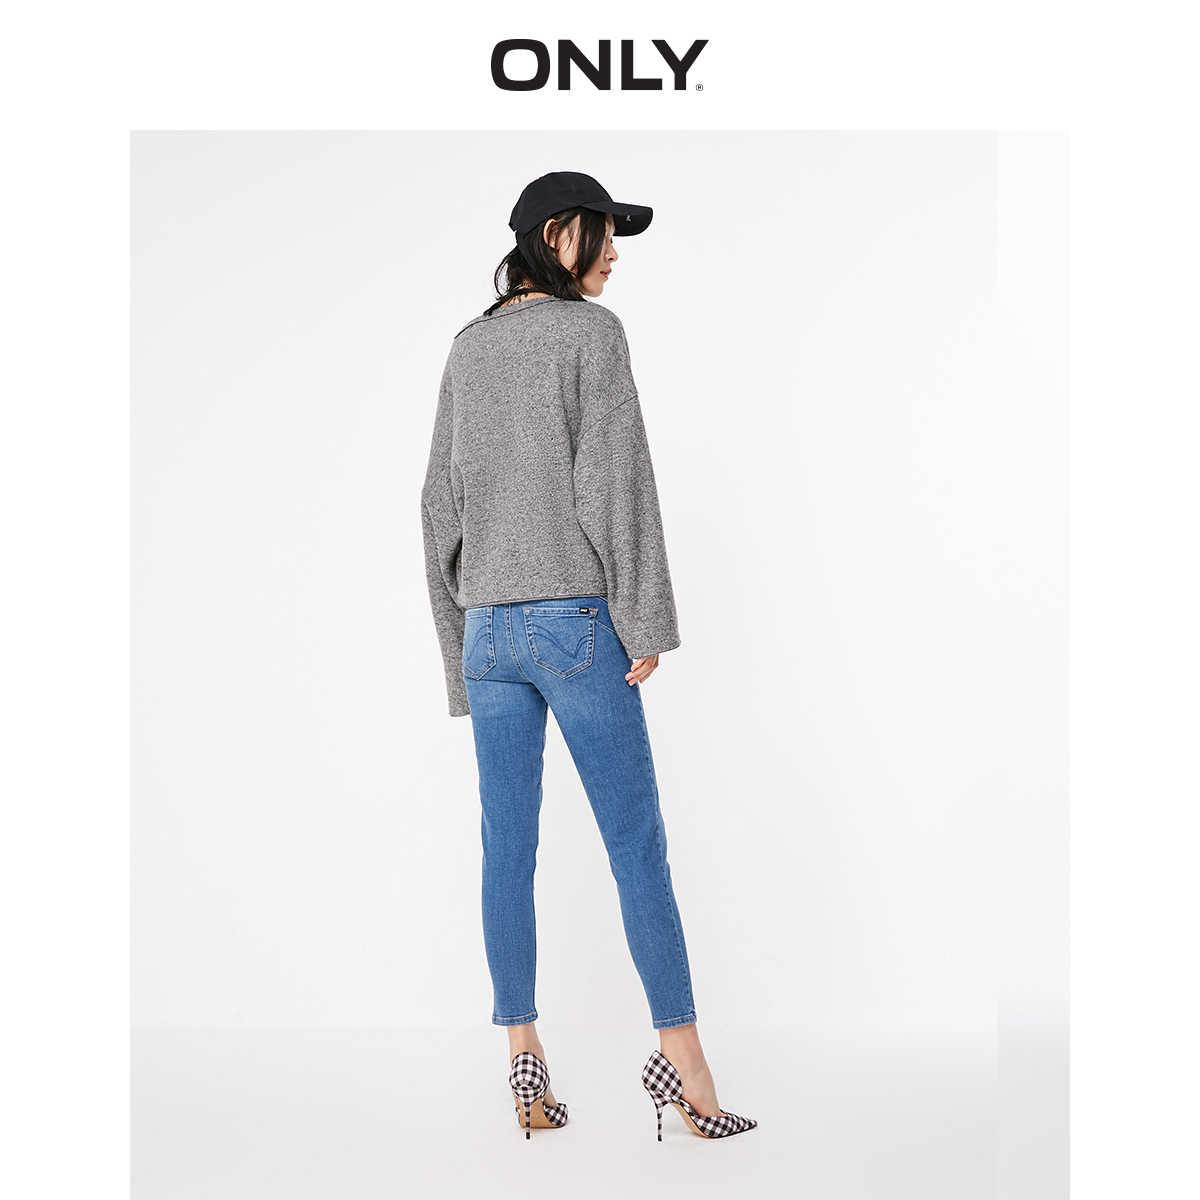 NUR Sommer frauen Slim Fit Low-rise Engen bein Ernte Jeans   119149641